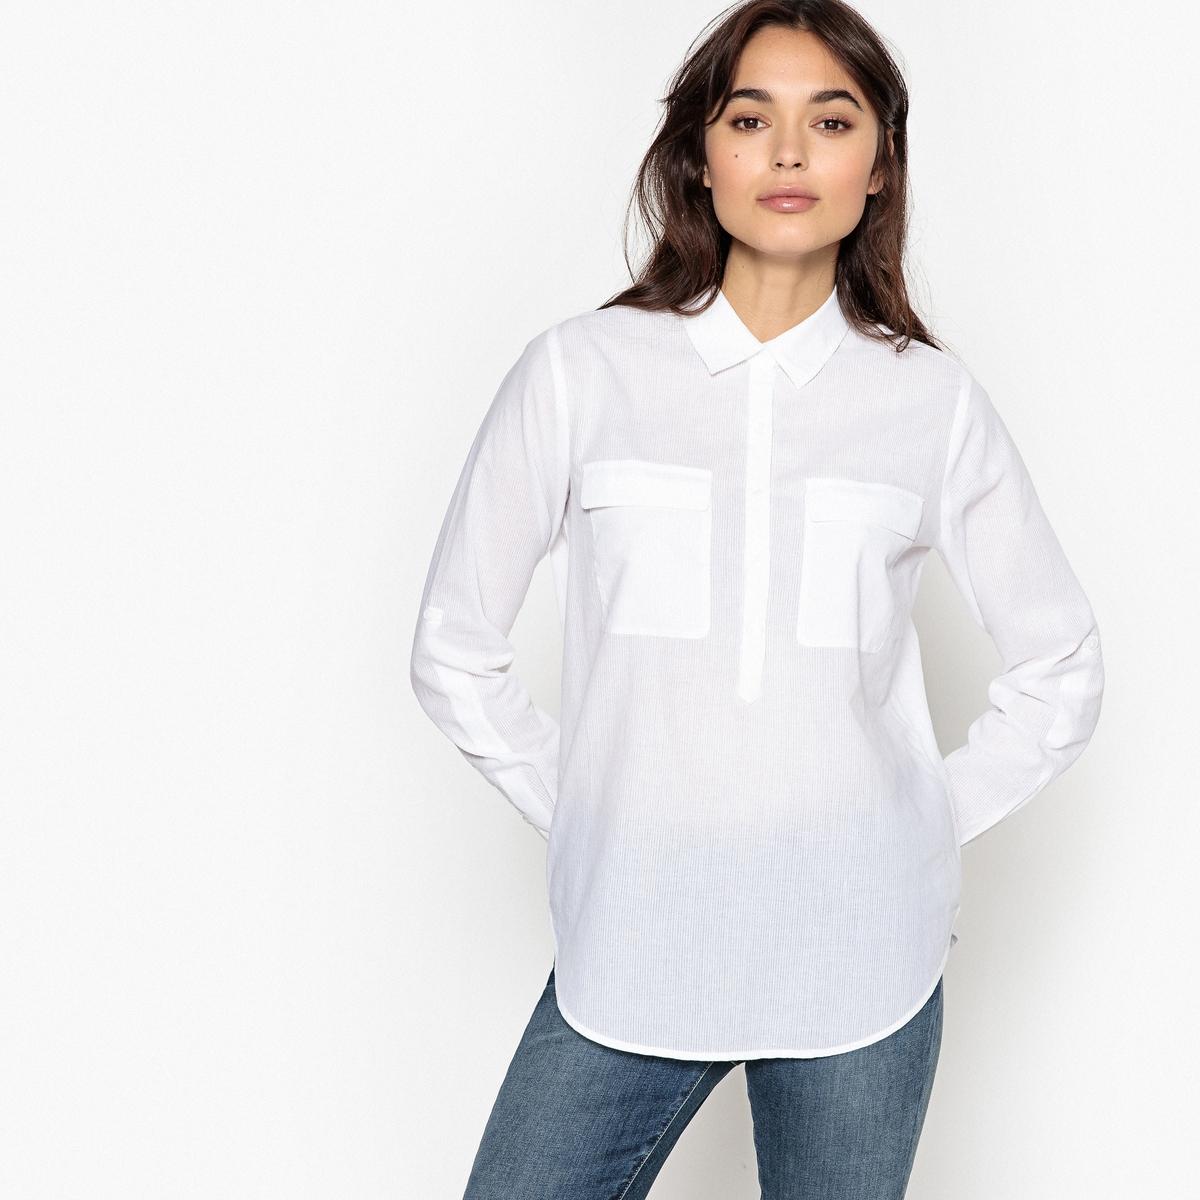 Рубашка однотонная с воротником-поло и длинными рукавамиОписаниеДетали •  Длинные рукава •  Воротник-поло, рубашечныйСостав и уход •  65% хлопк, 35% полиэстер •  Следуйте советам по уходу, указанным на этикетке<br><br>Цвет: белый,светло-розовый<br>Размер: XS.L.S